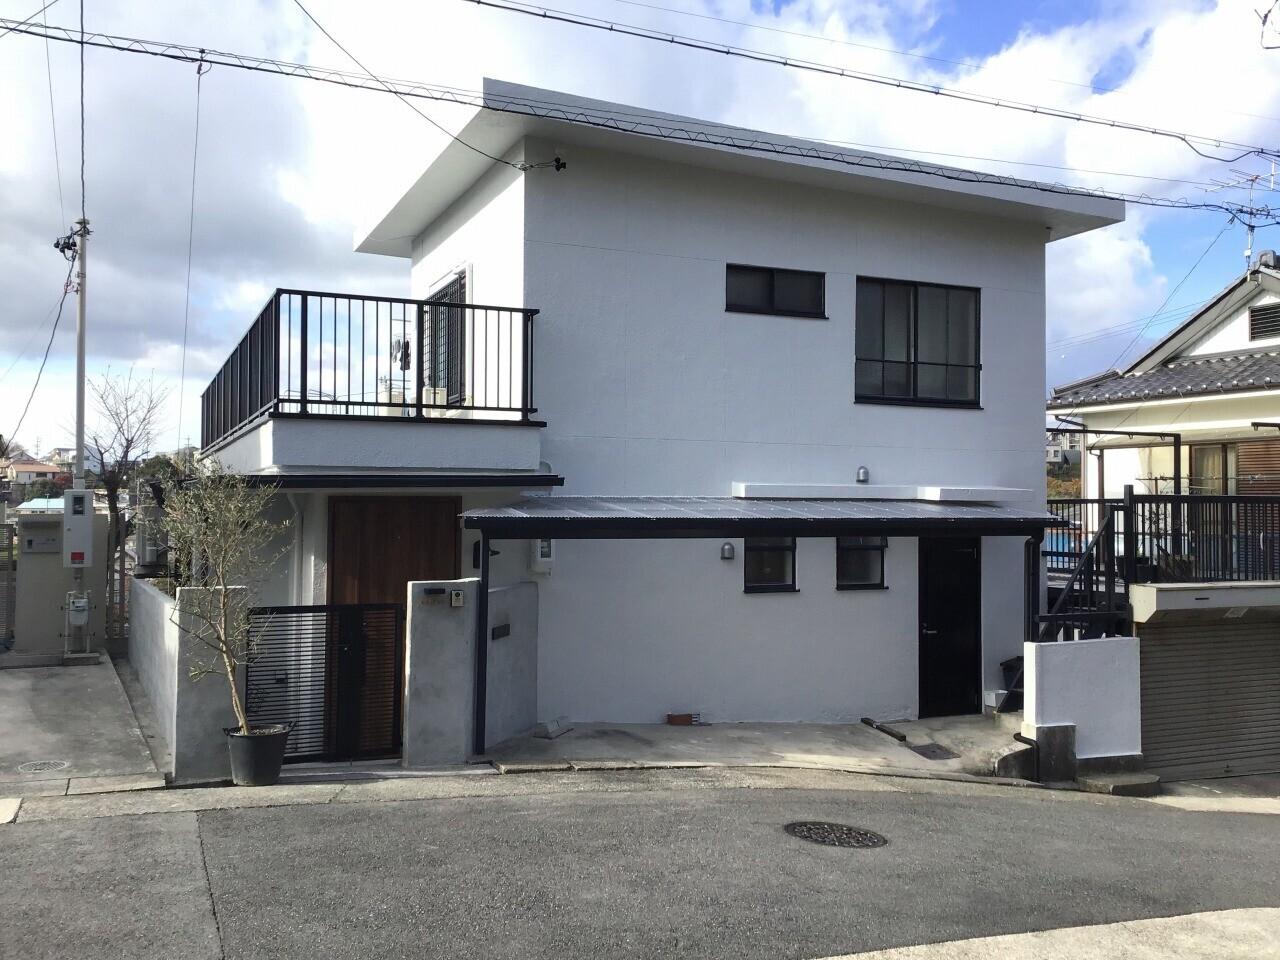 「コルビュジェの家」(住宅リノベーション)の建築事例写真